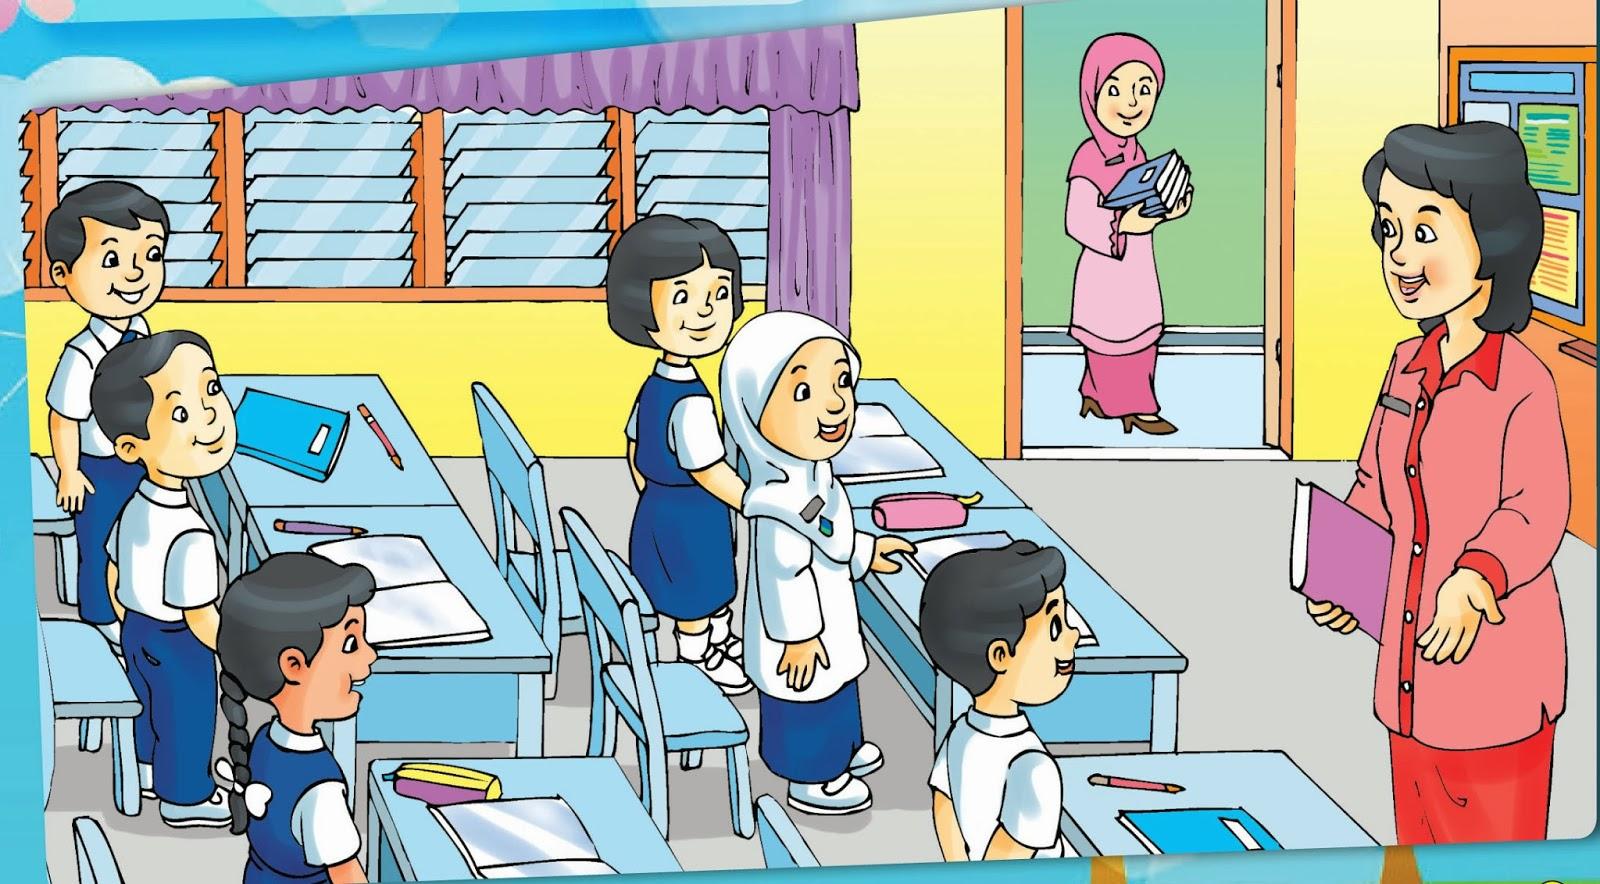 99 Gambar Orang Sedang Belajar Di Rumah Kartun Gratis Download Cikimm Com